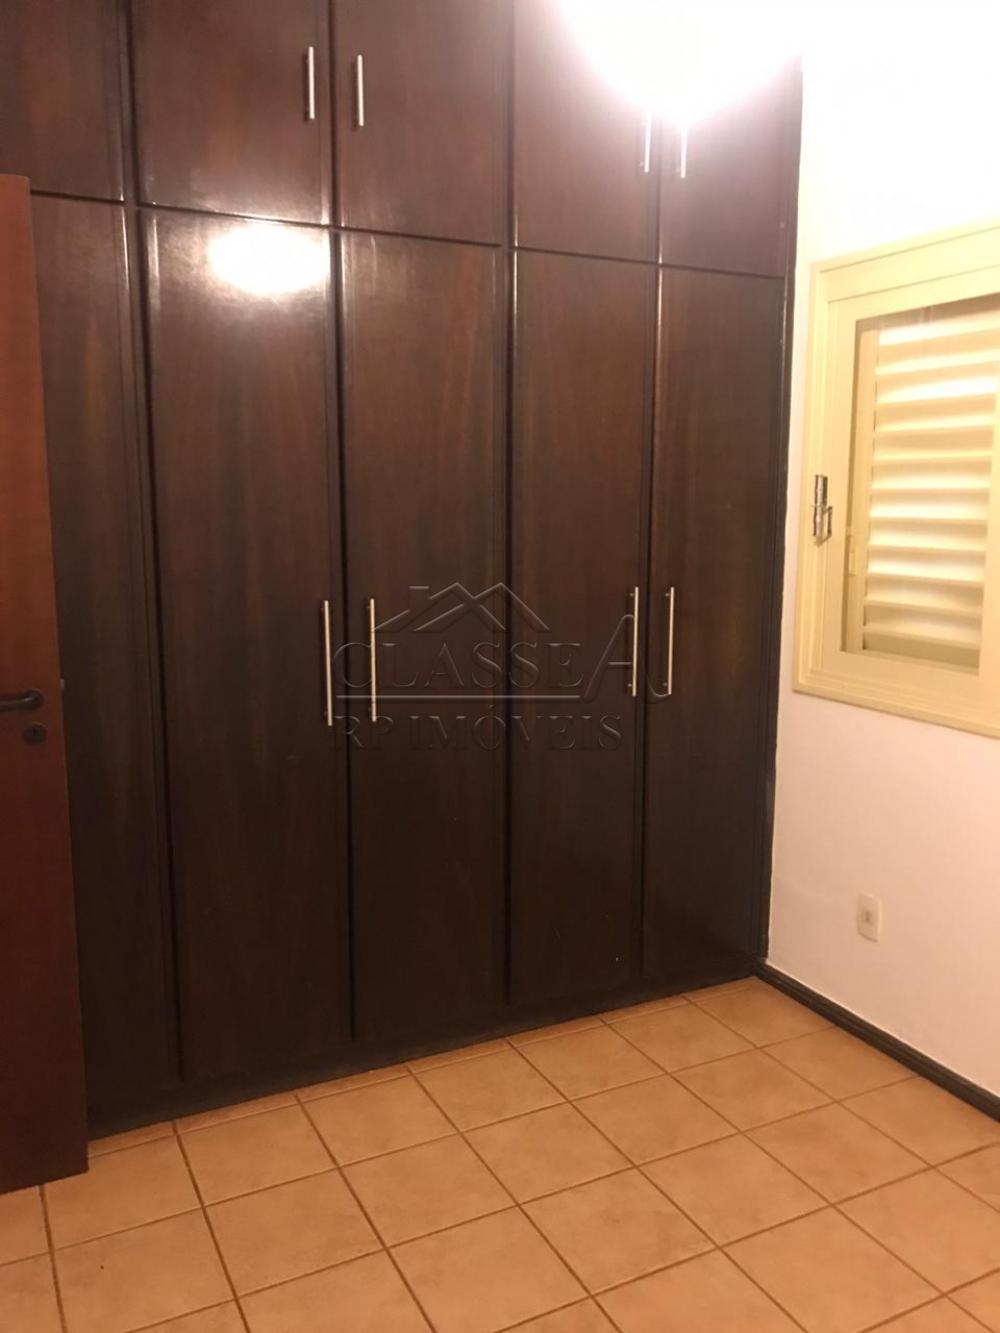 Comprar Casa / Condomínio - térrea em Ribeirão Preto apenas R$ 568.500,00 - Foto 7